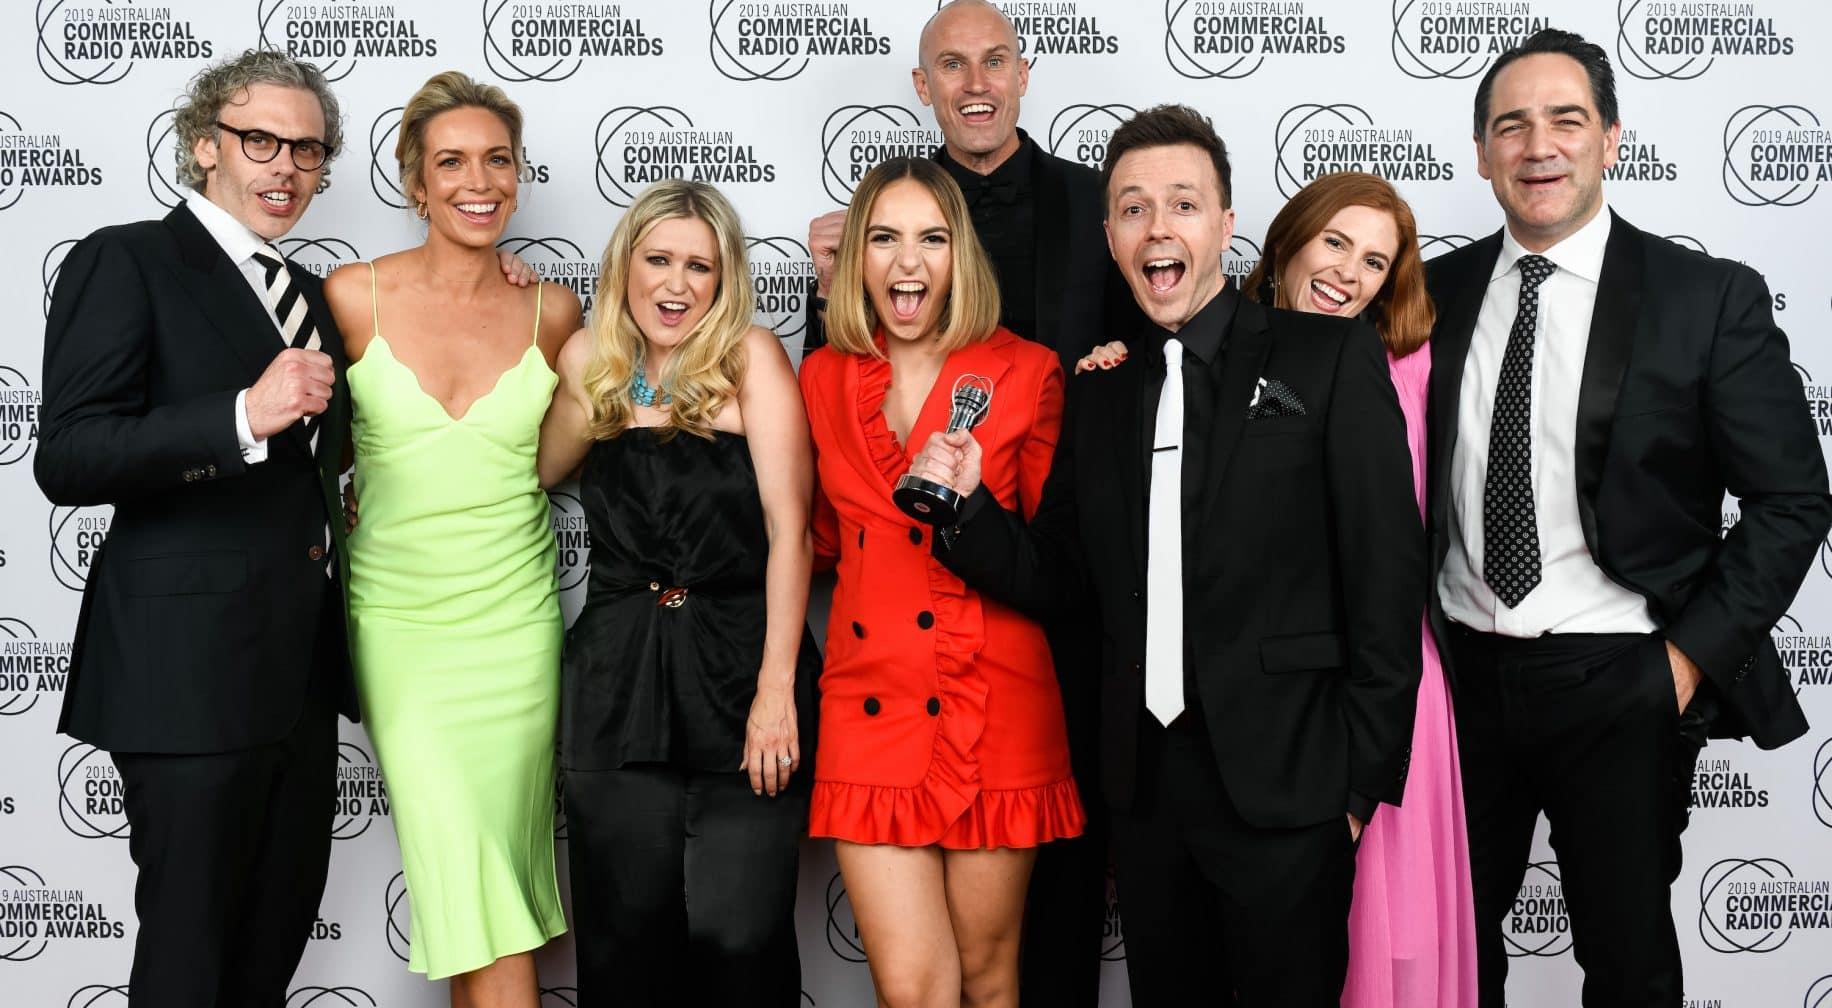 Radio Awards 2019: SCA's Triple M & Hit Network teams biggest winners